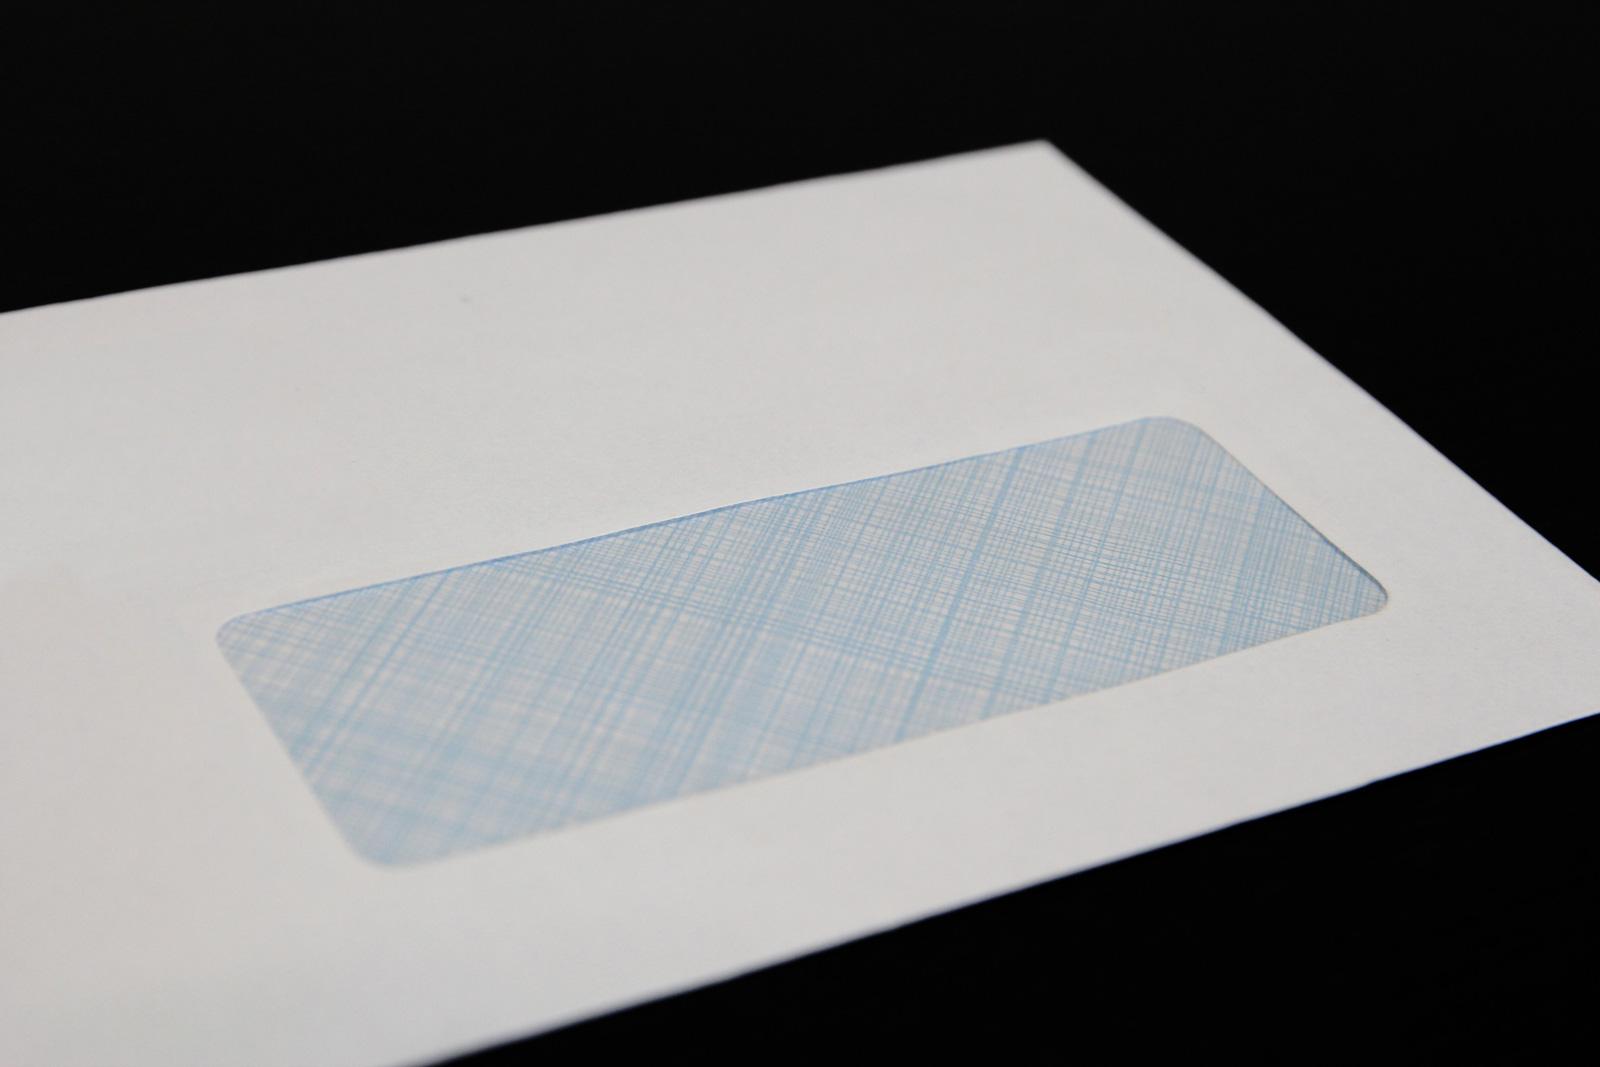 Impression enveloppes 110x220 format 110x220 dl avec for Enveloppe c4 avec fenetre